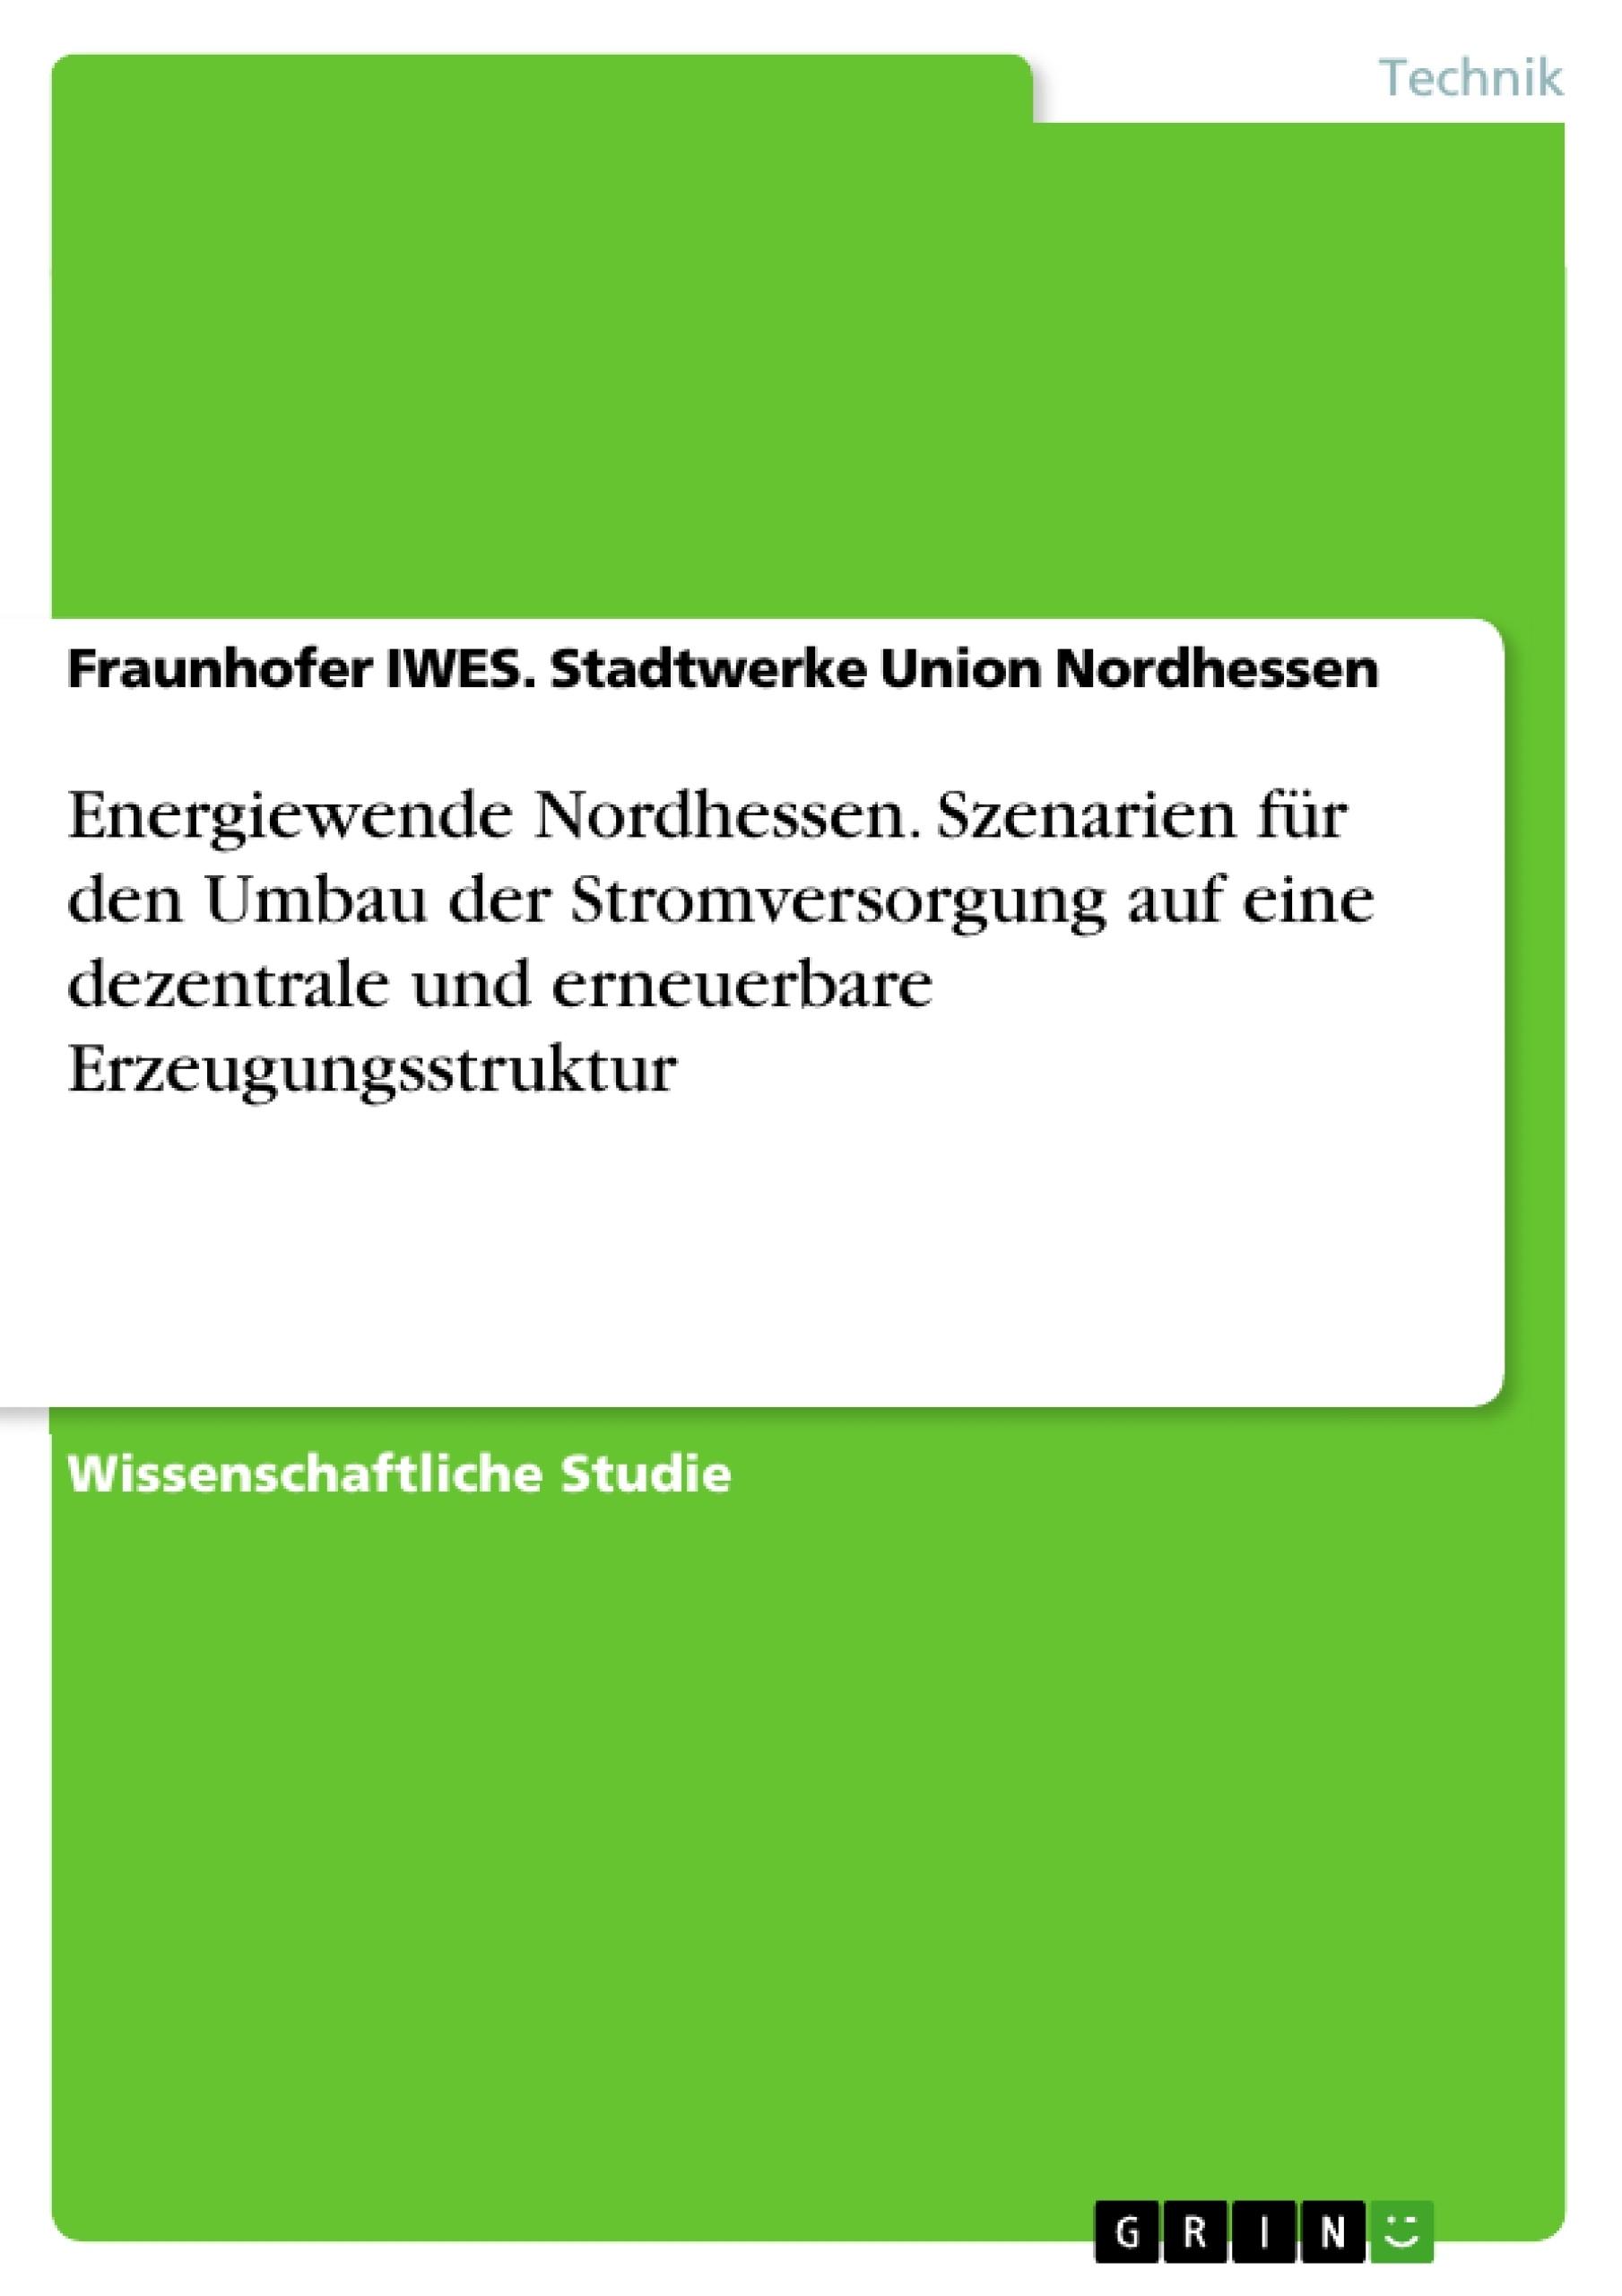 Titel: Energiewende Nordhessen. Szenarien für den Umbau der Stromversorgung auf eine dezentrale und erneuerbare Erzeugungsstruktur